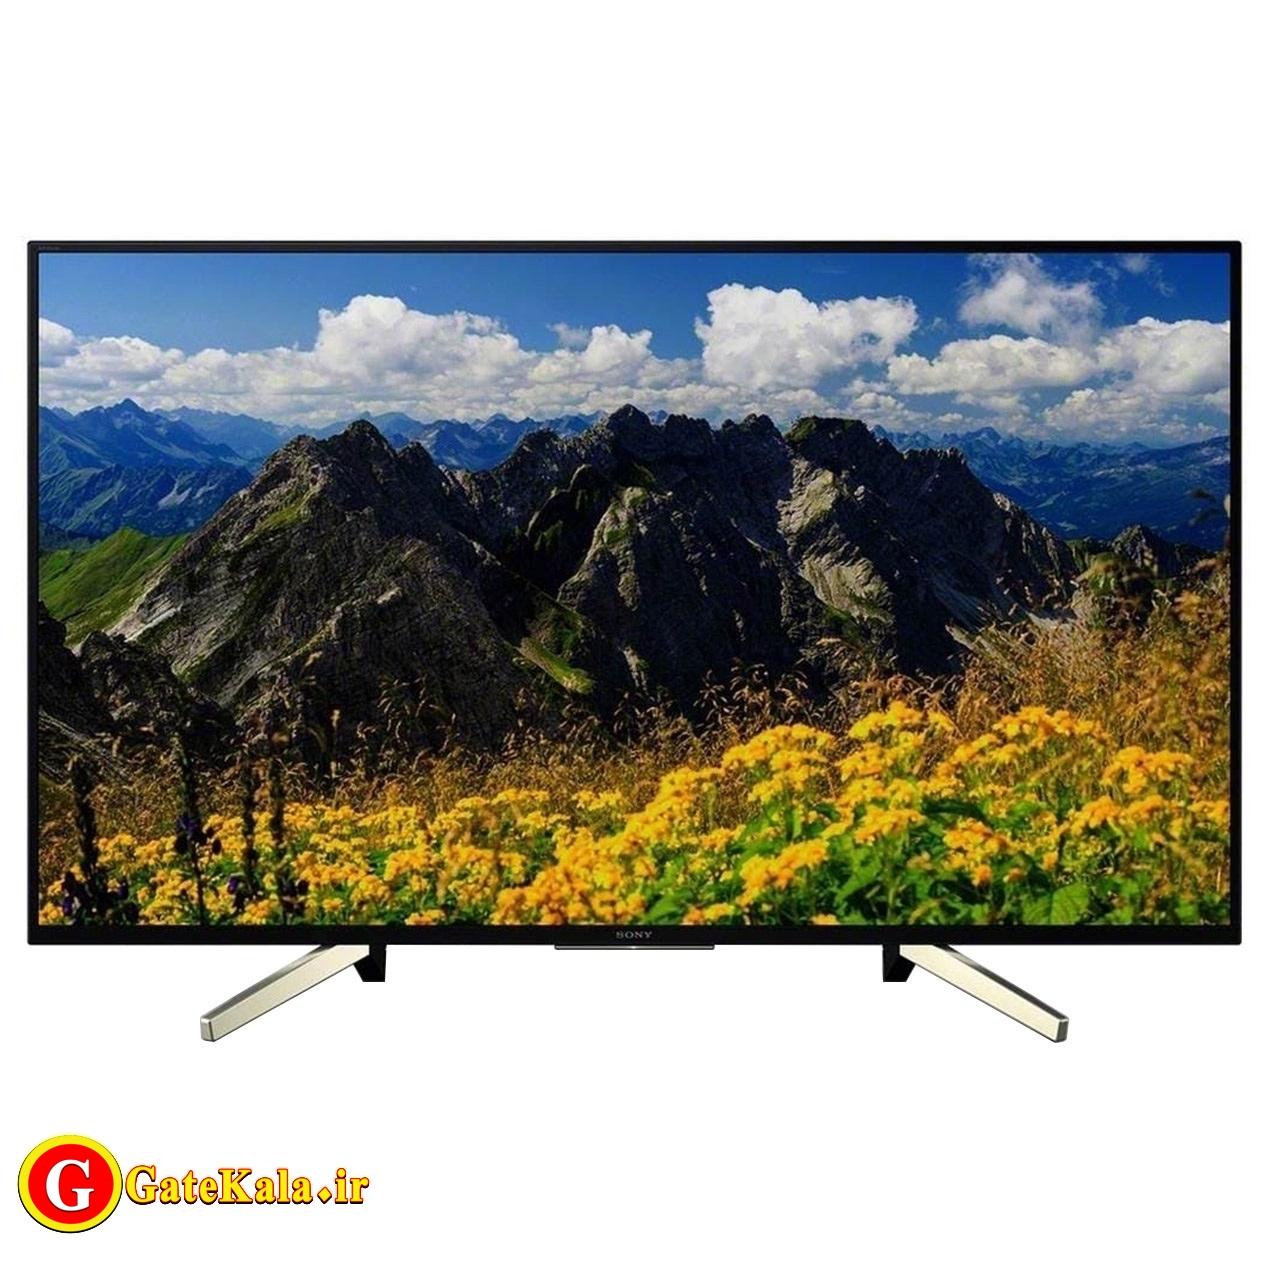 تلویزیون 65 اینچی Sony X8000 با کیفیت تصویر 4K